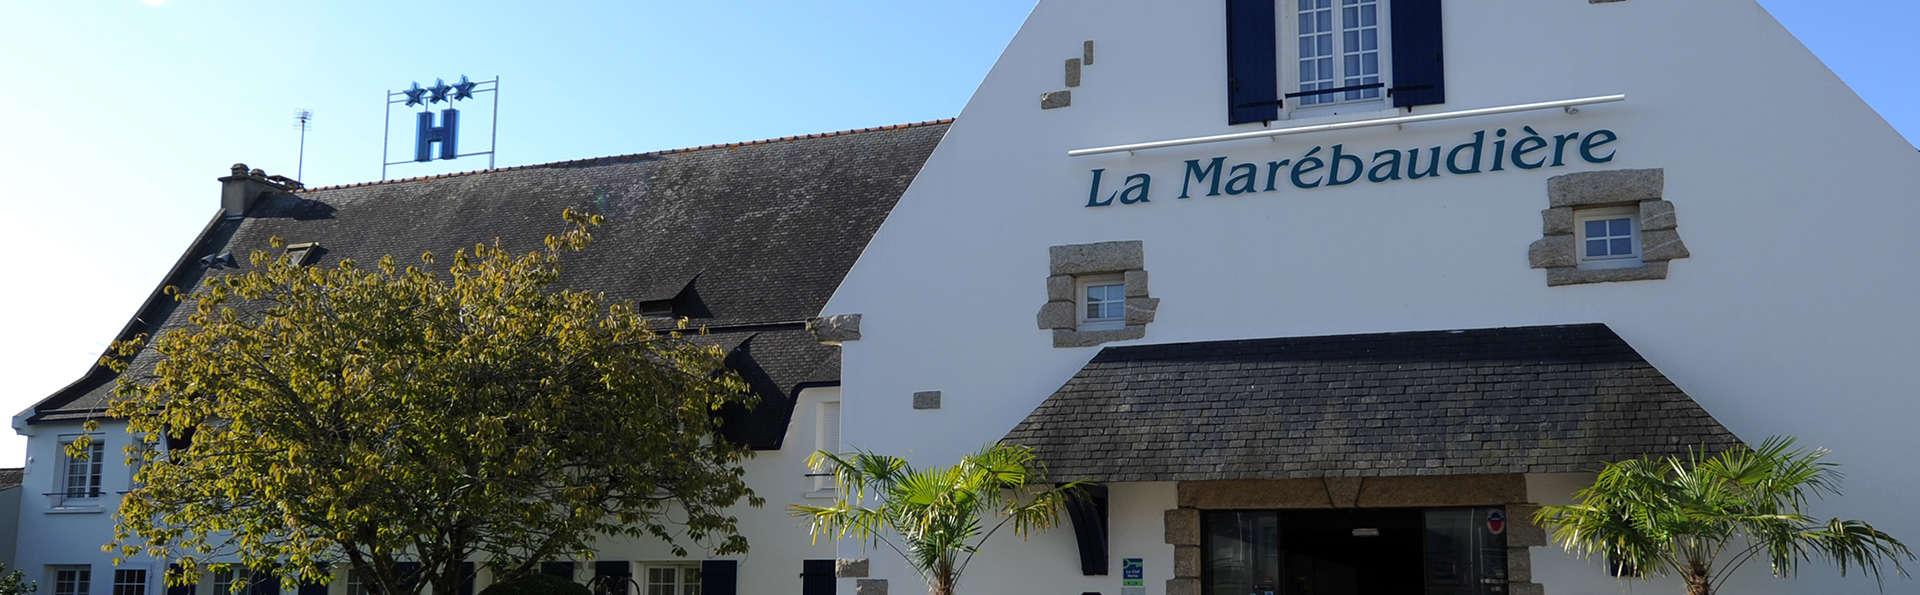 Quality Hotel Spa La Marébaudière - edit_front1.jpg